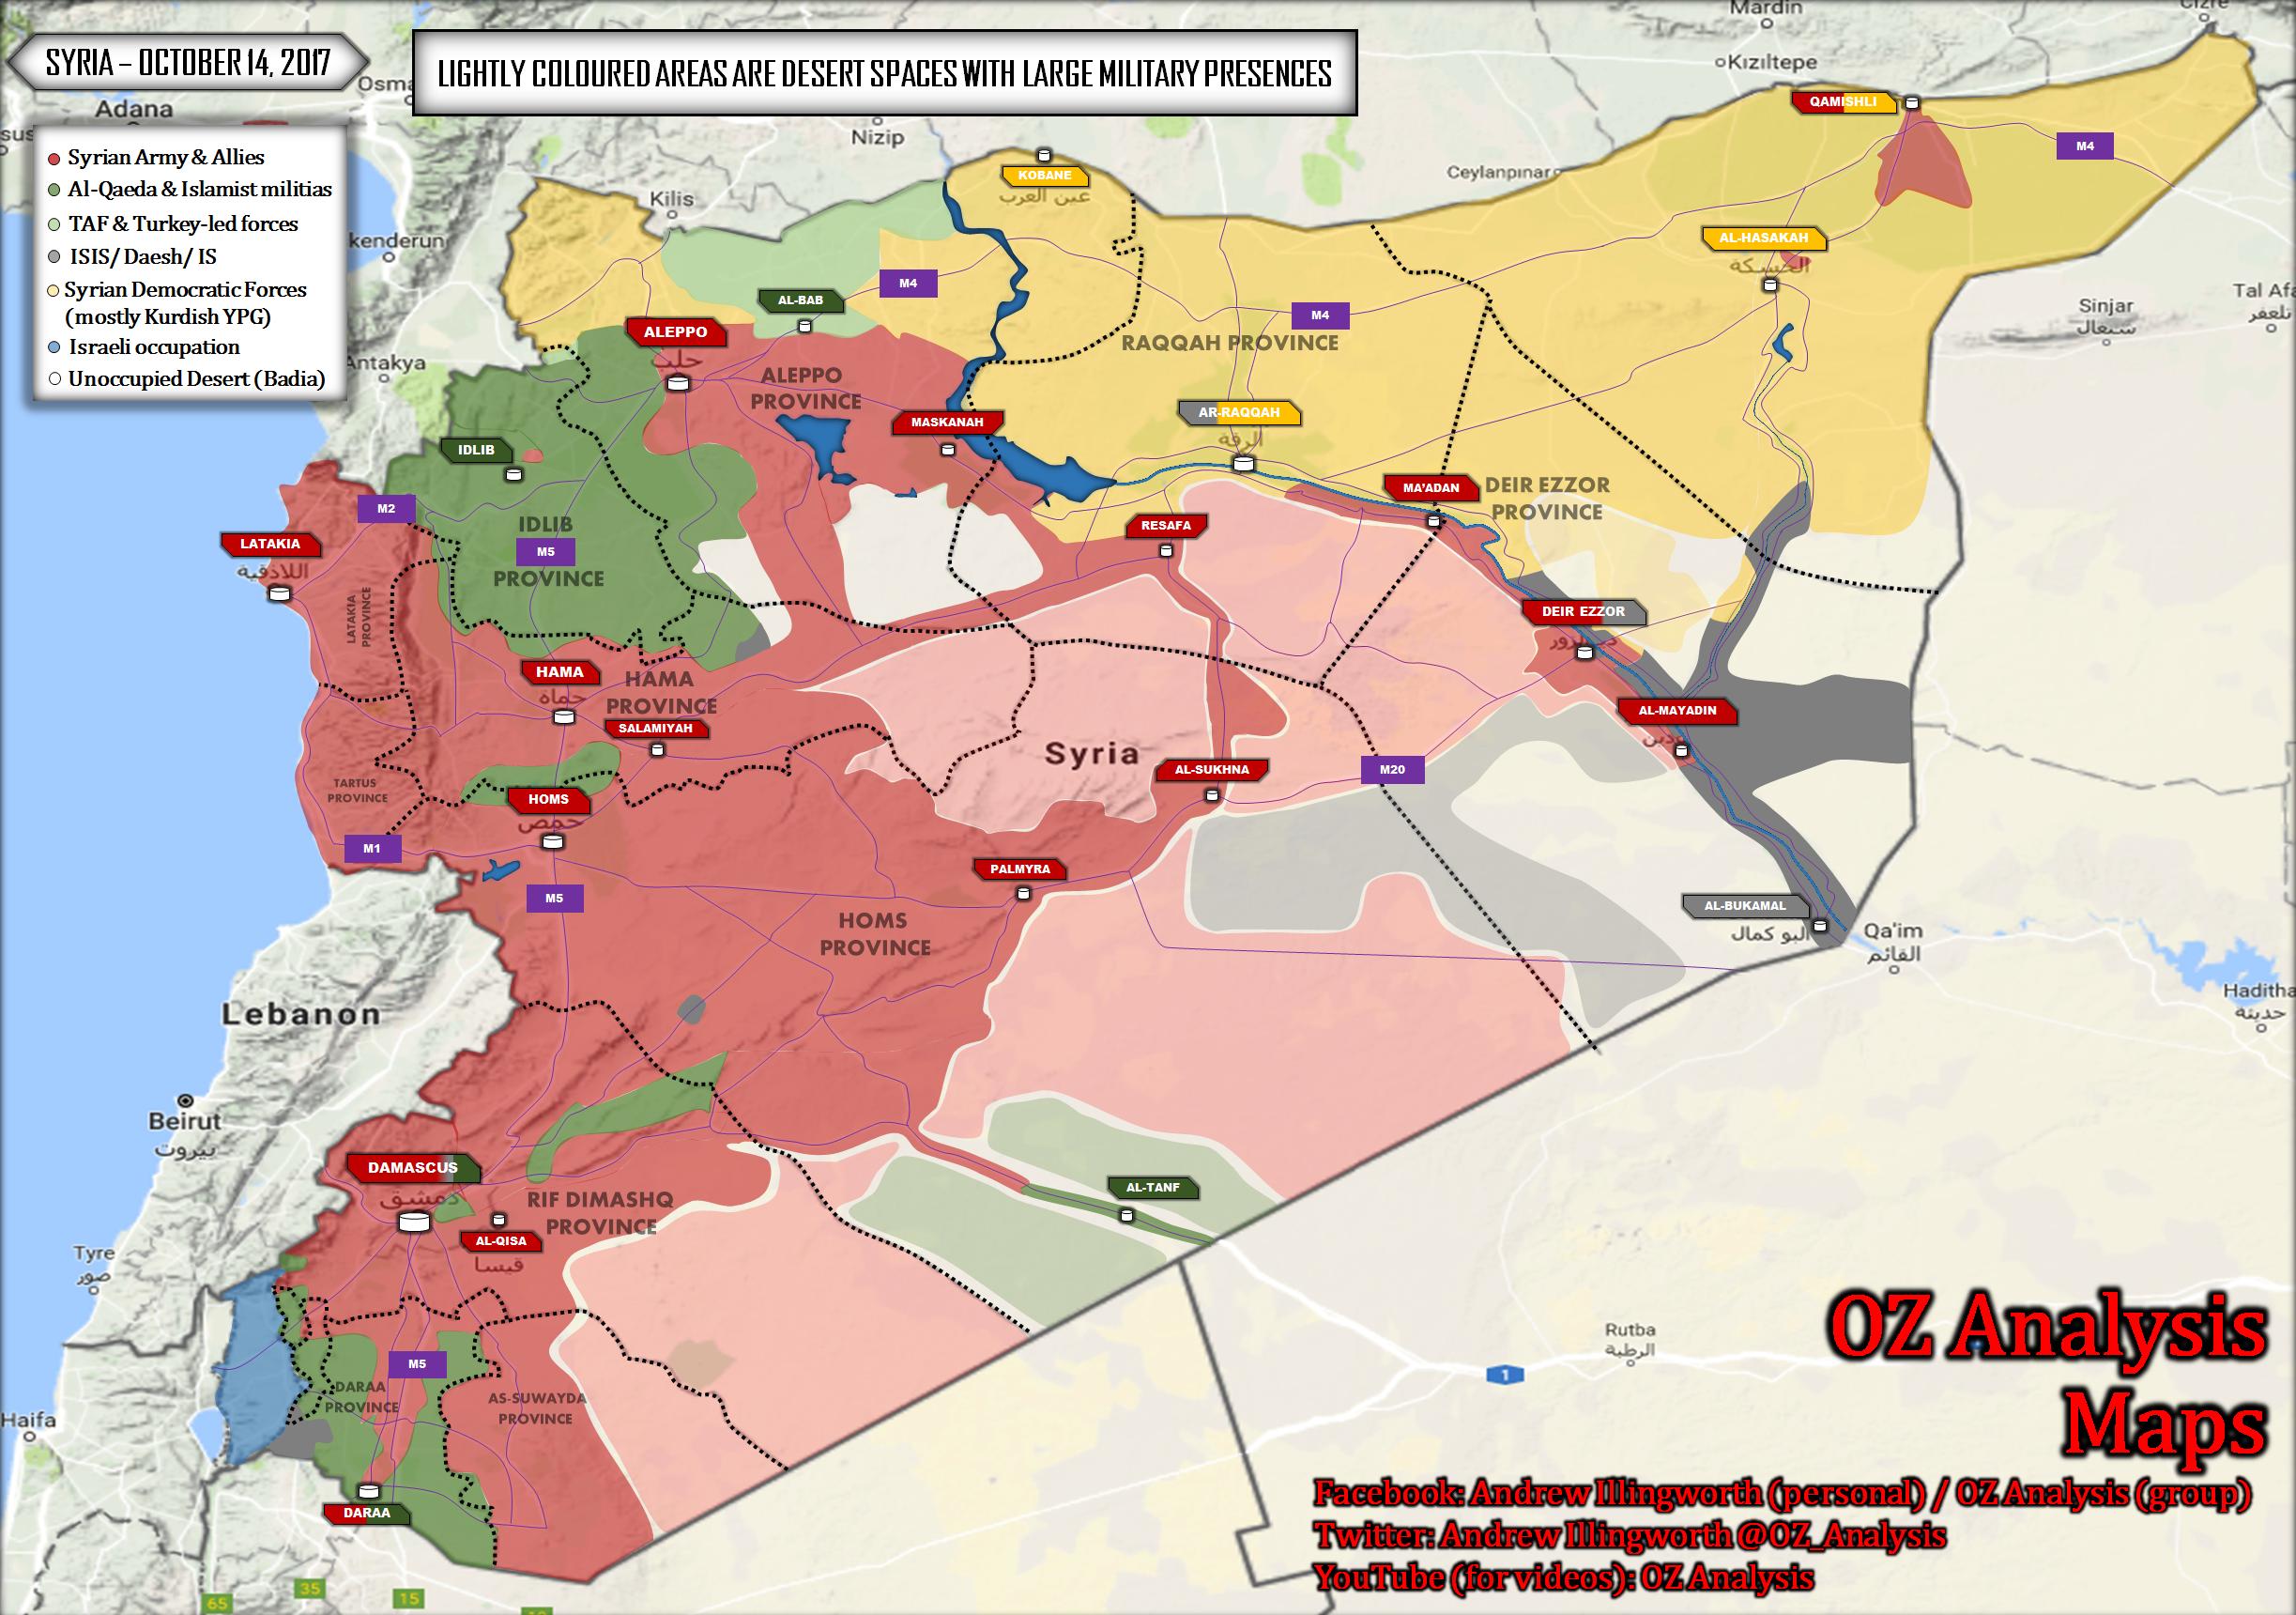 Сводка событий в Сирии за 14 октября 2017 года